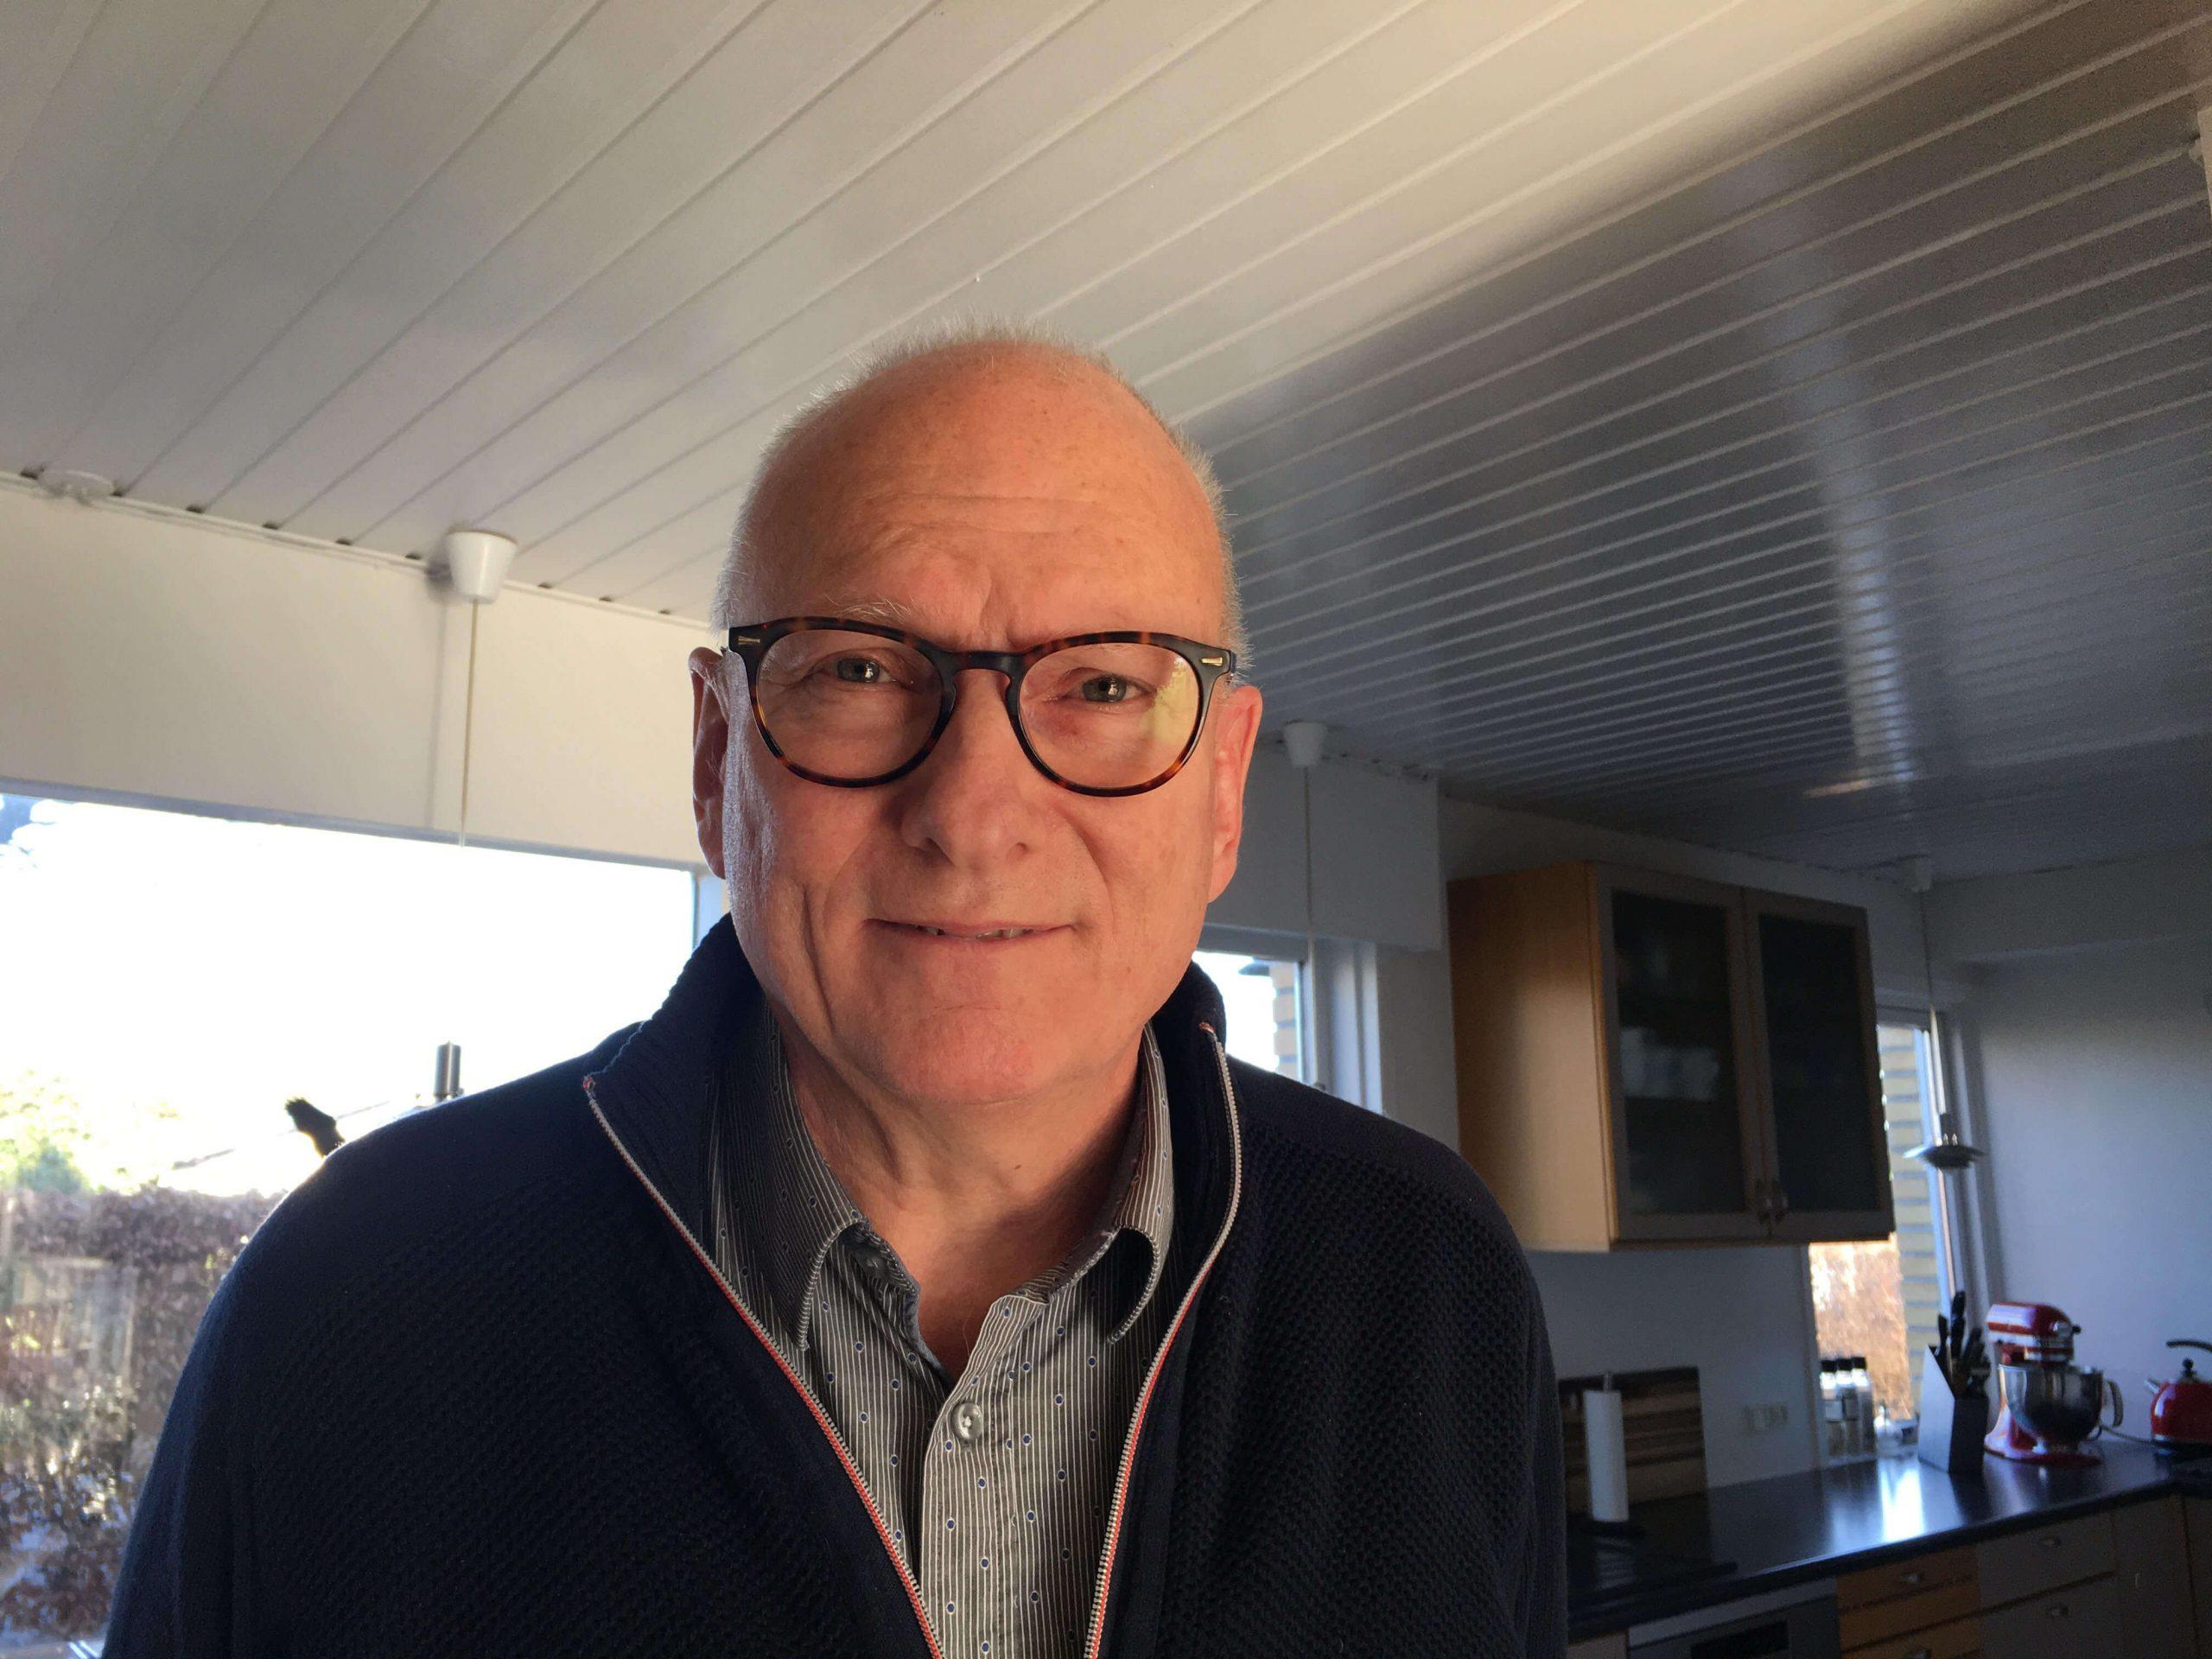 Lars Nielsen er ny skribent på Turisme.nu